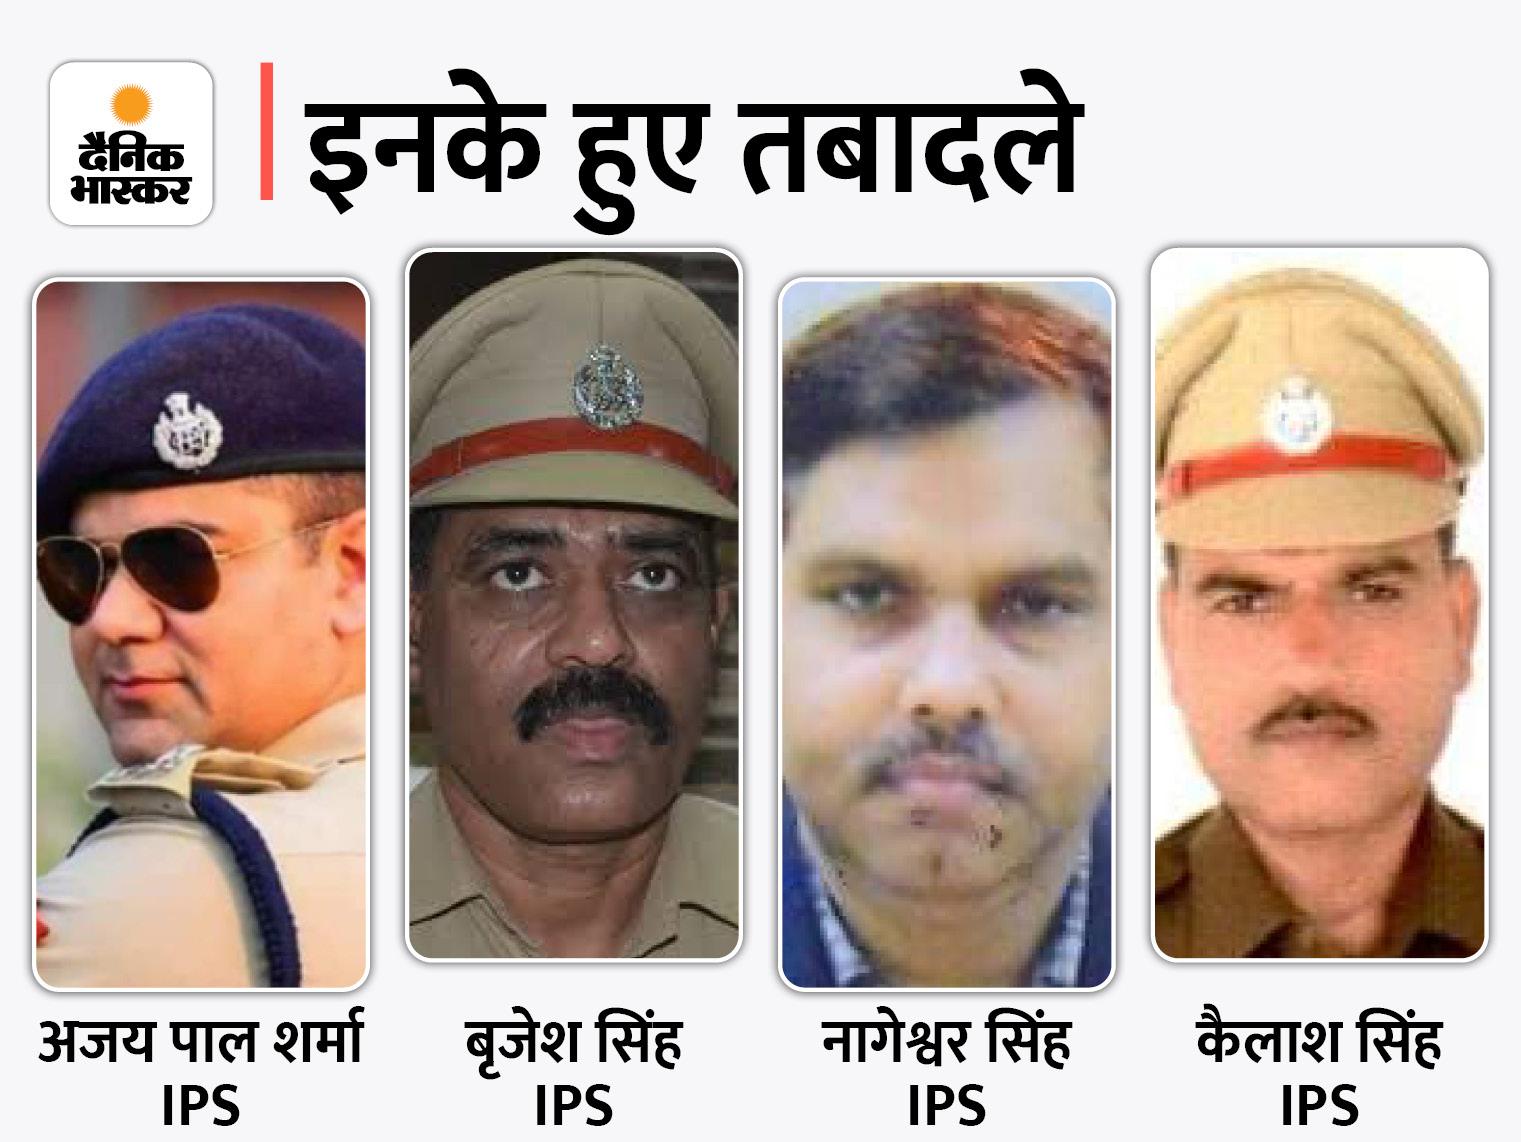 विवादों में रहे अजय पाल शर्मा को यूपी-112 की कमान, कैलाश सिंह आगरा SP अभिसूचना;1992 बैच के 9 PPS को भी जल्द प्रमोशन|लखनऊ,Lucknow - Dainik Bhaskar